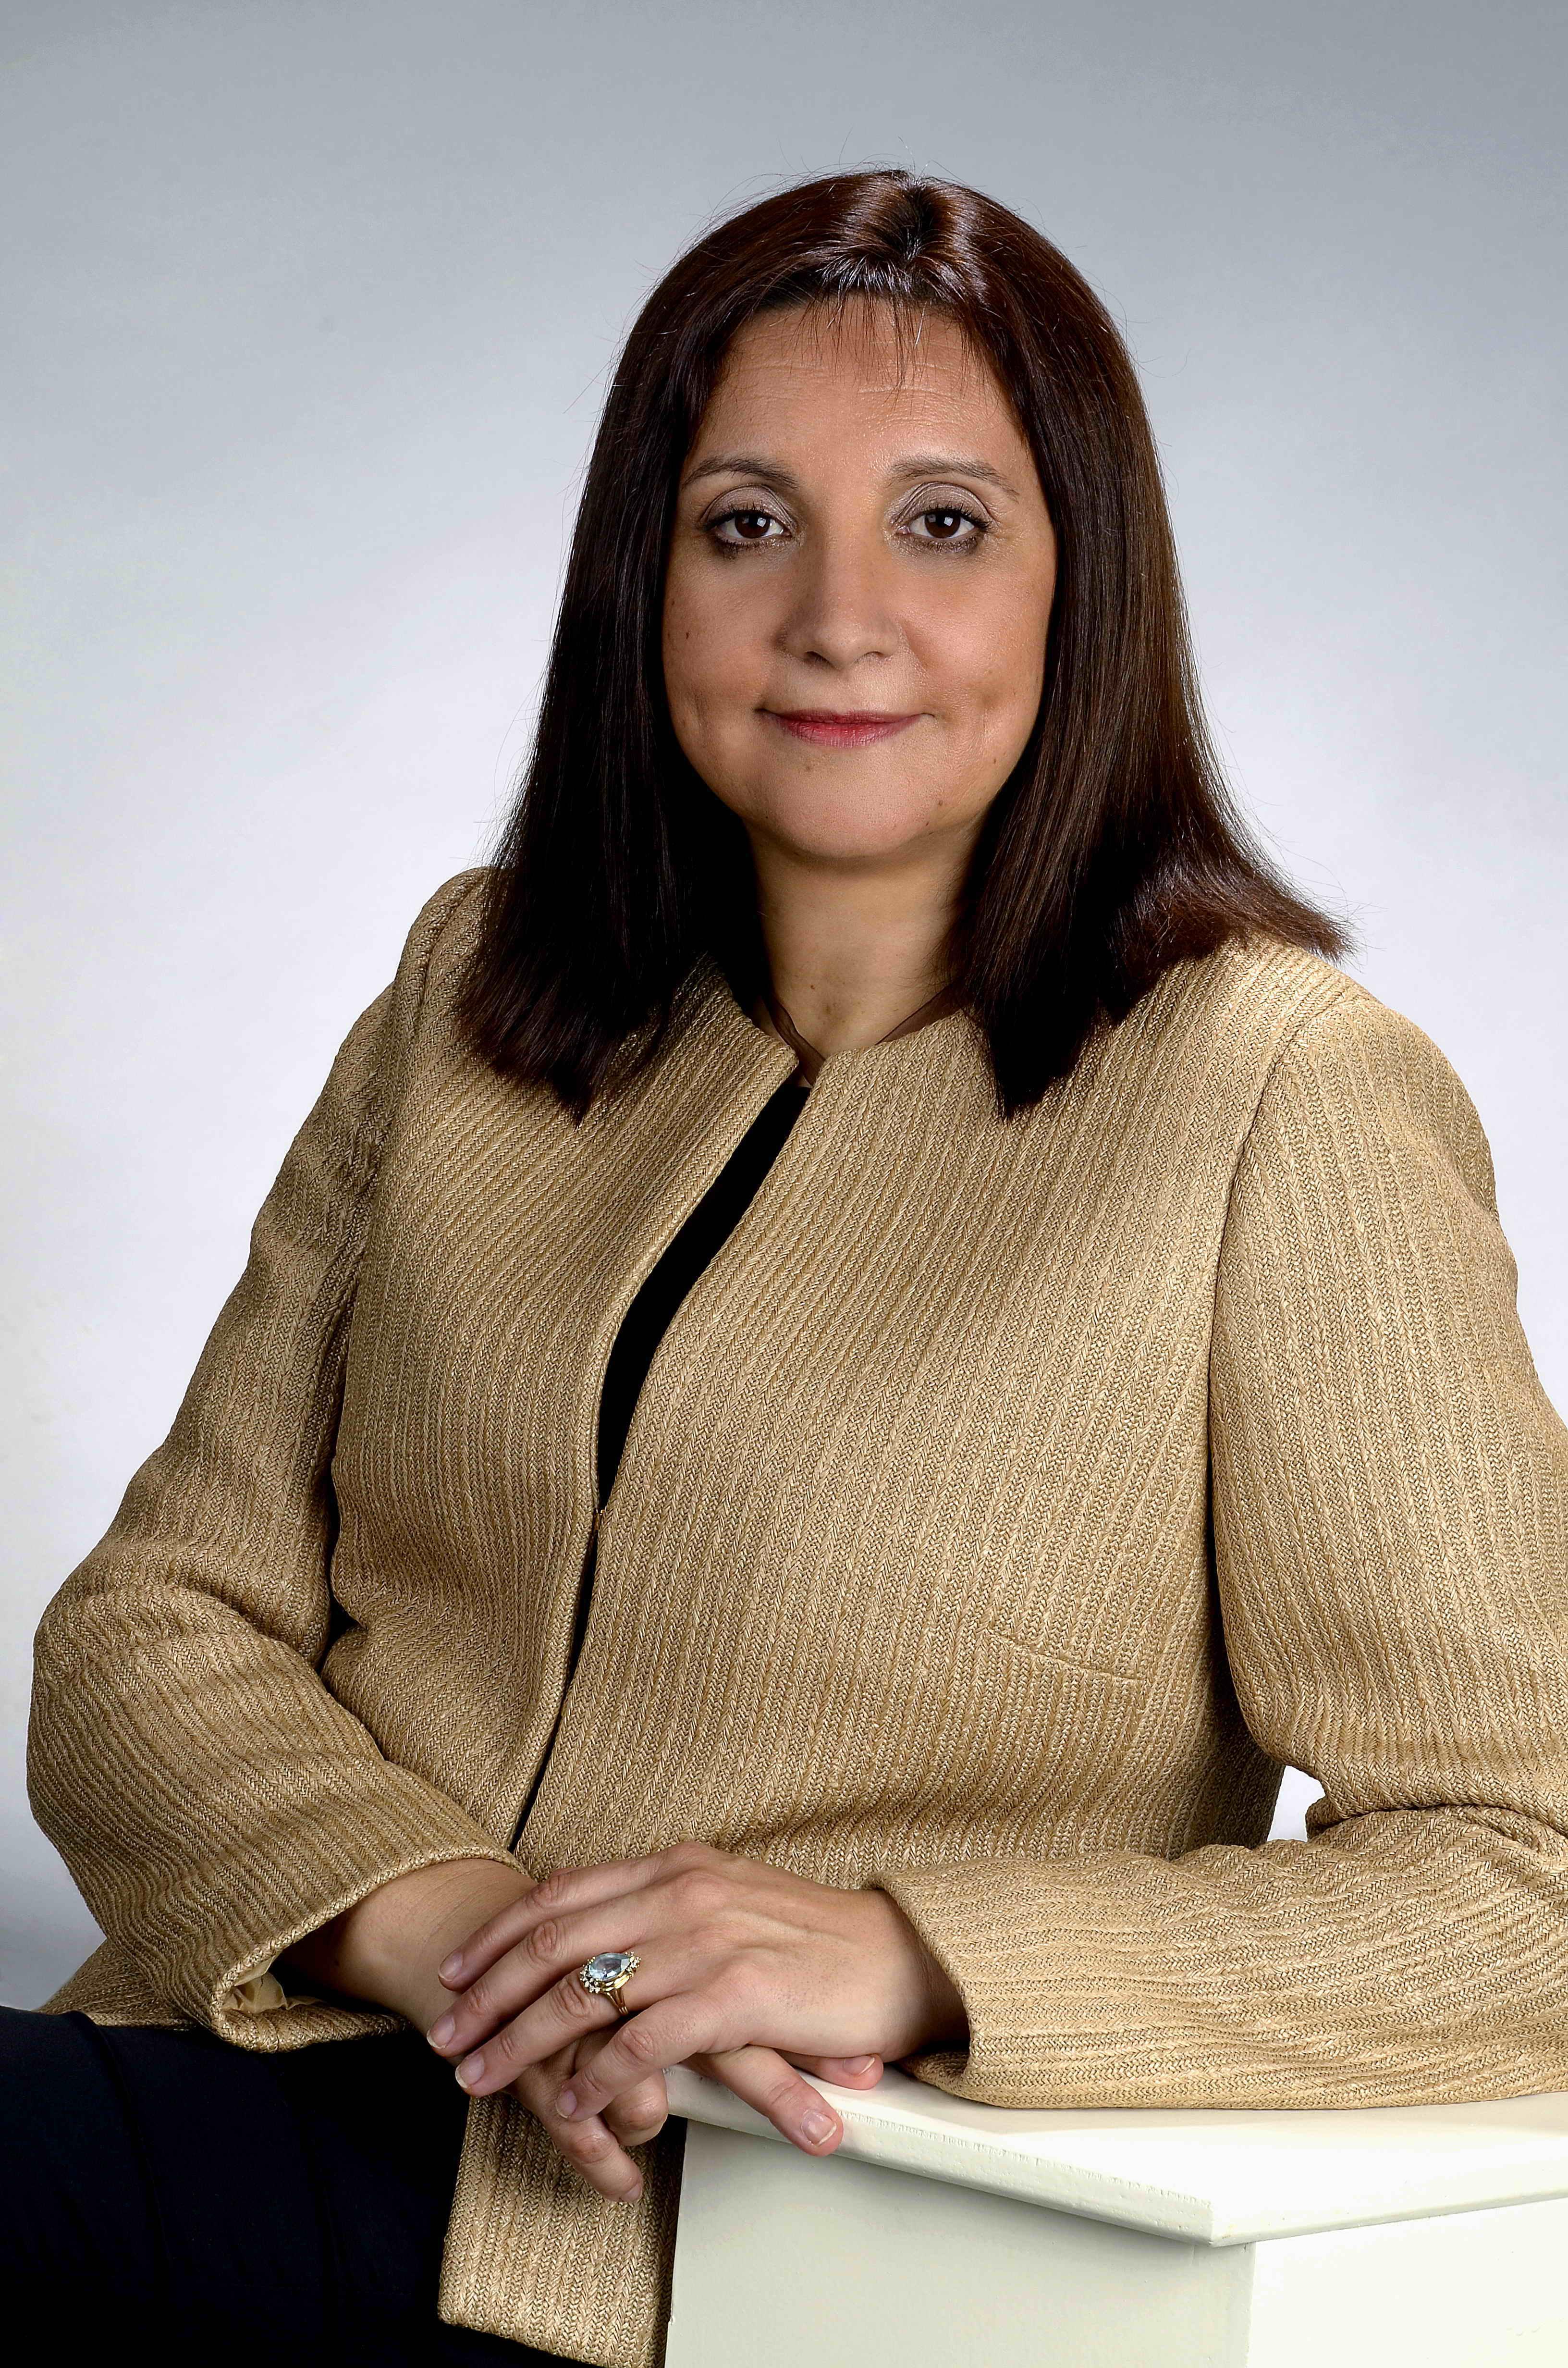 Sra. Iolanda Piedra i Mañés